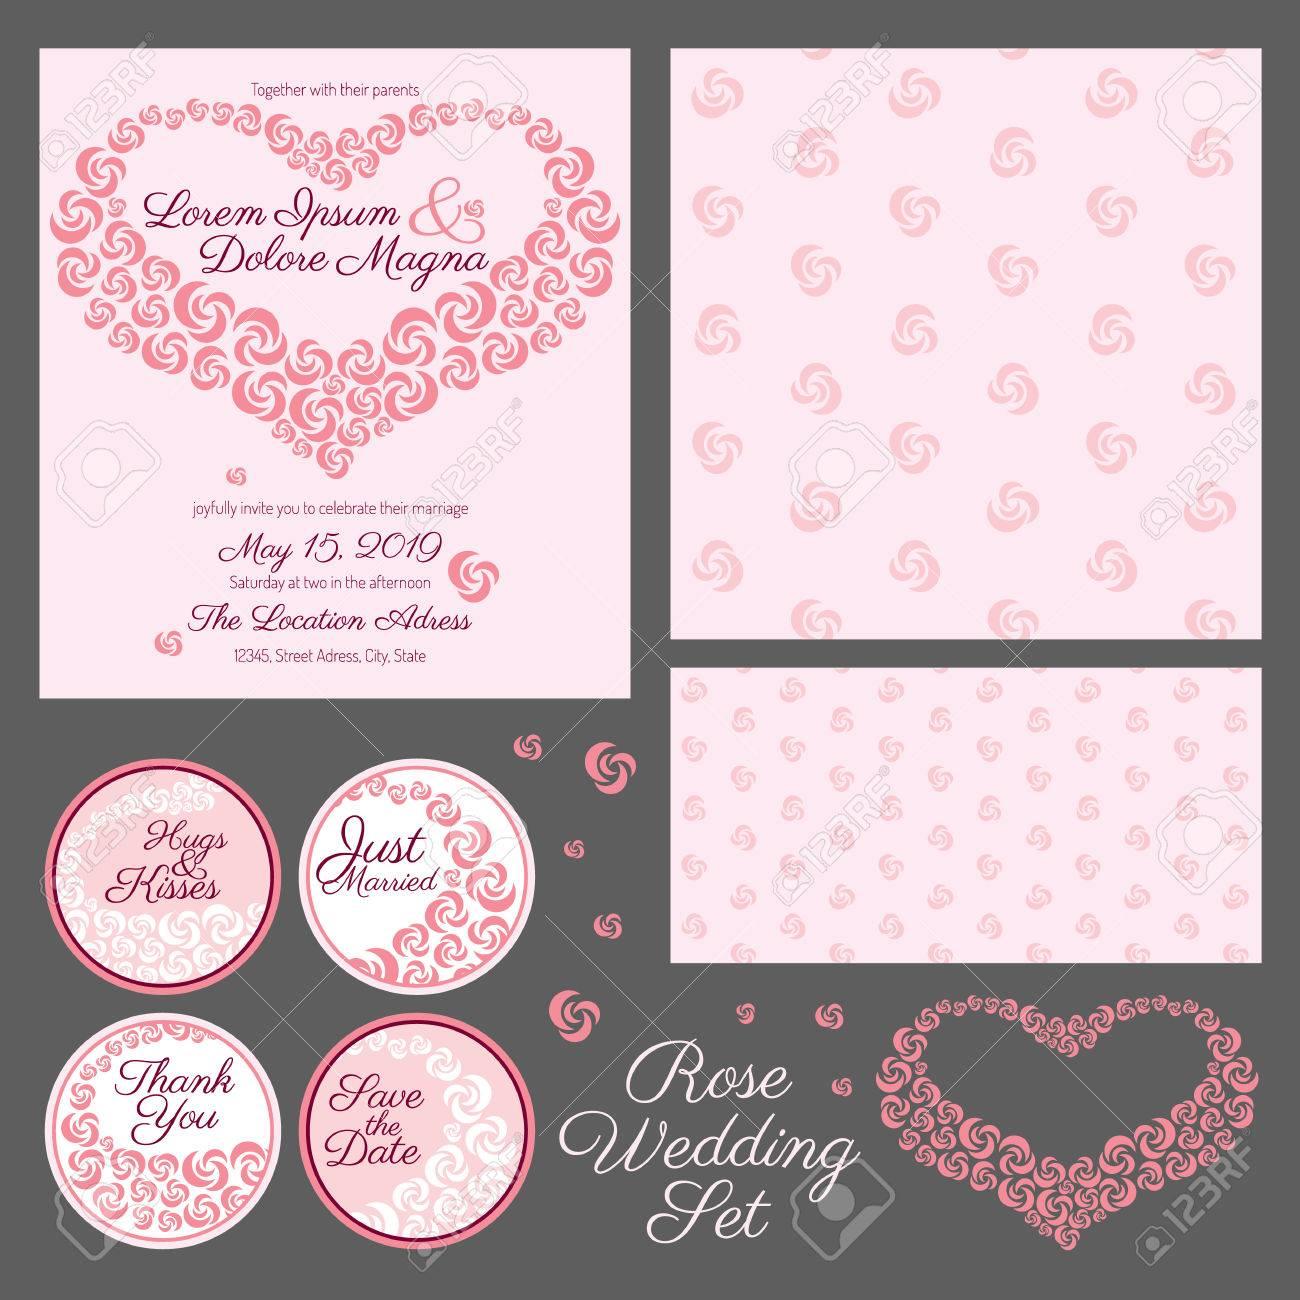 Einladung Hochzeit Set   Karte Vektor Vorlage   Für Einladungen, Flyer,  Postkarten,